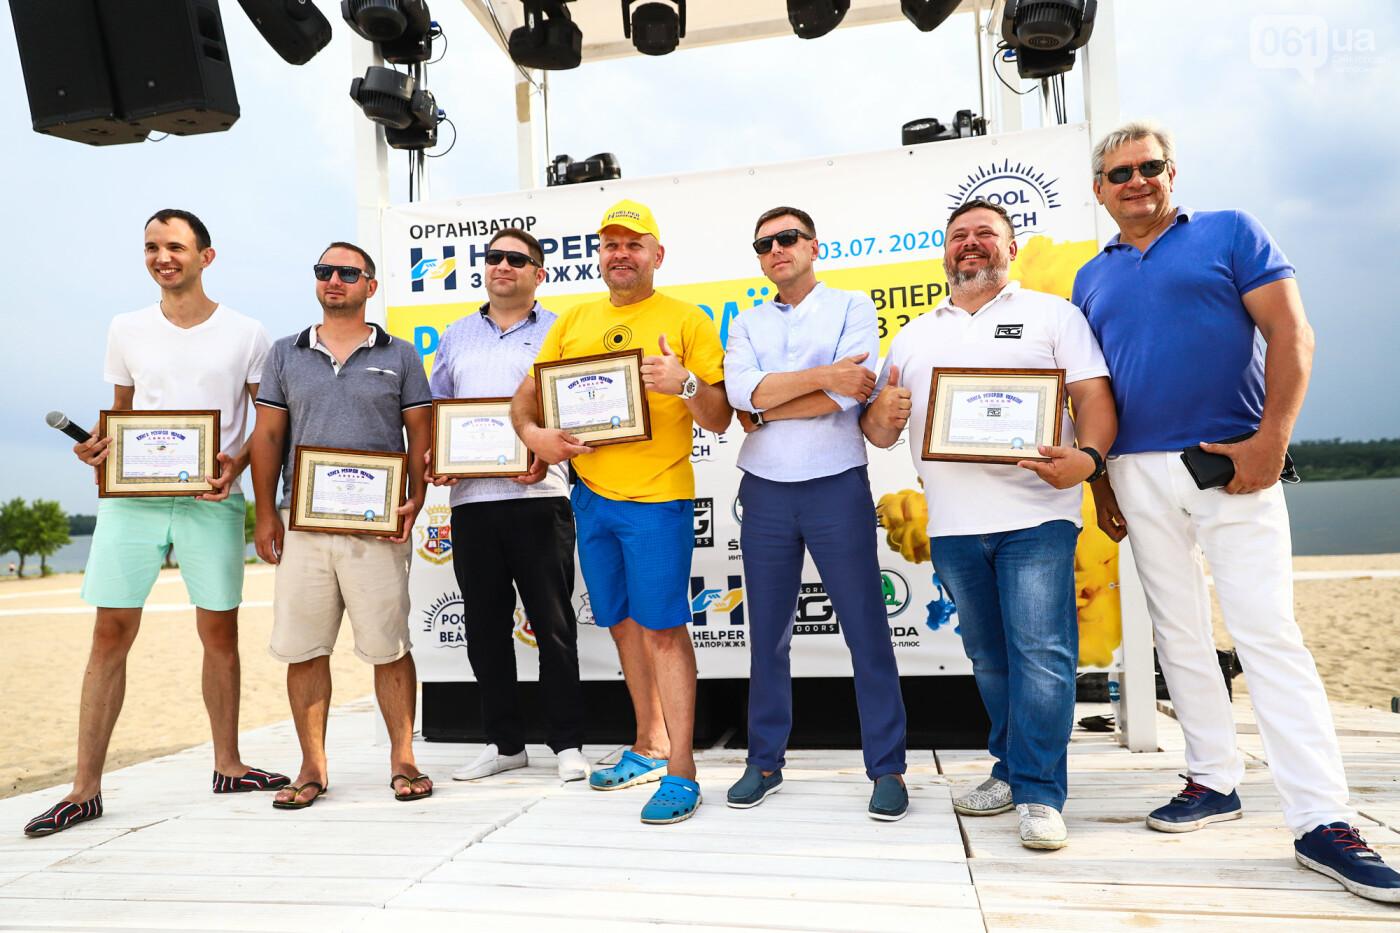 На пляже в Запорожье зажгли желто-синие дымовые шашки и установили рекорд Украины, - ФОТОРЕПОРТАЖ, фото-26